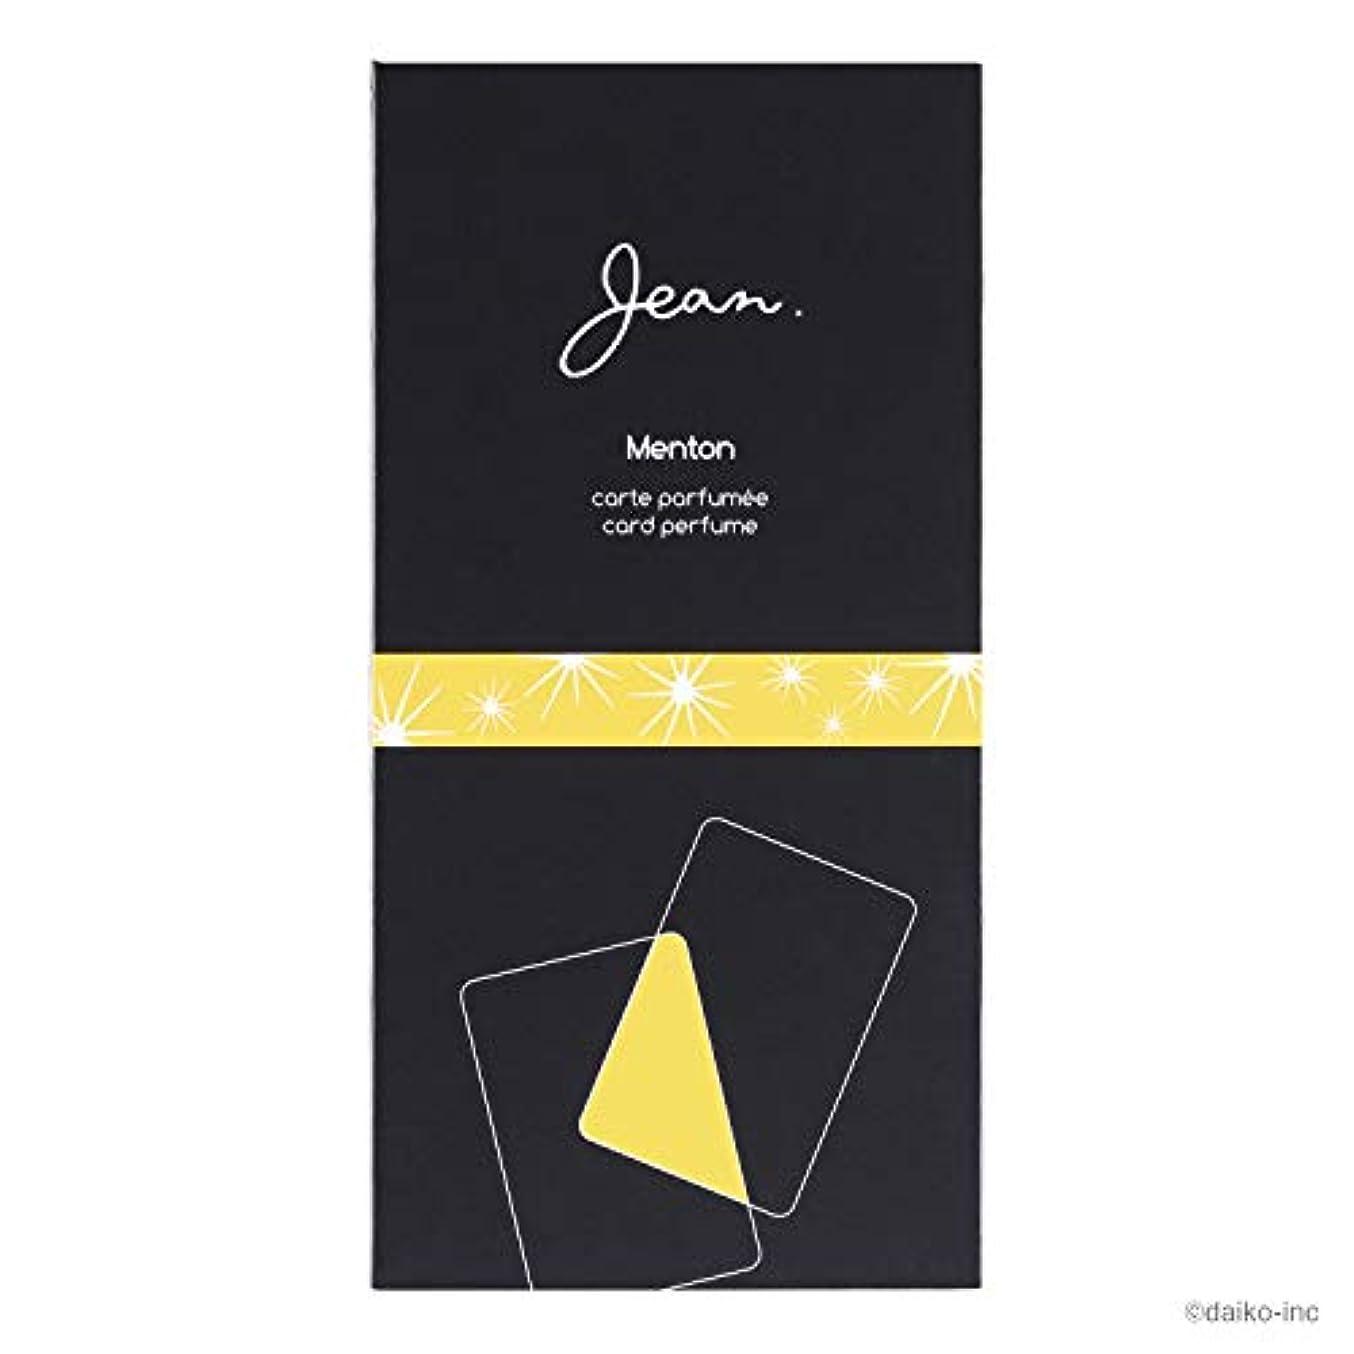 昇る簡単に学ぶJean.カードパフューム マントン